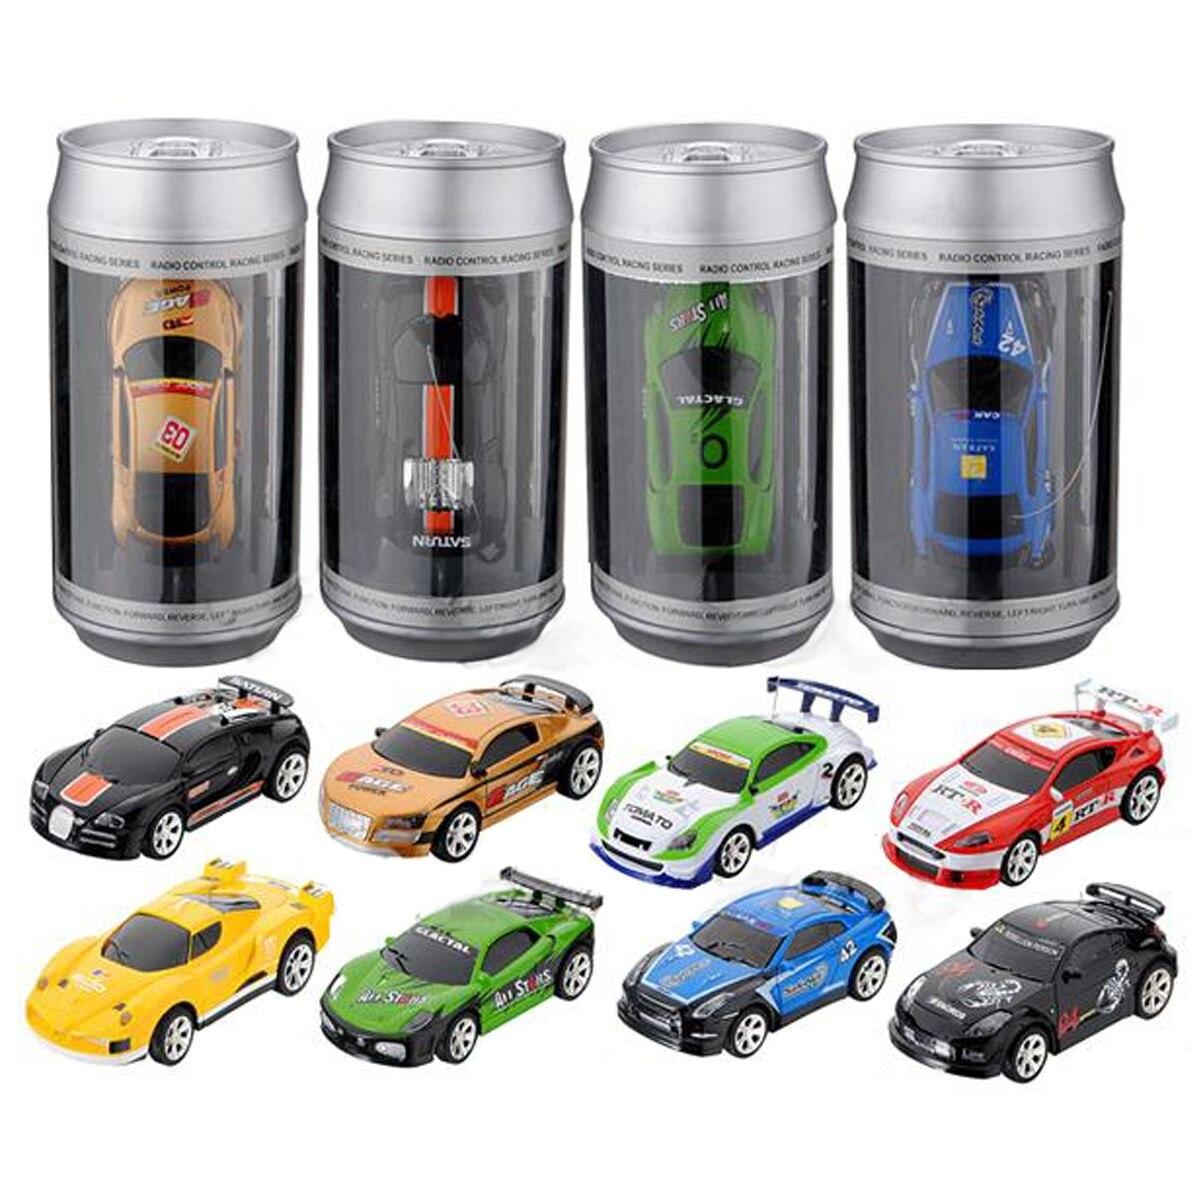 8 kleuren Hot Sales 20 km/u Coke Can Mini RC Car Radio Remote Control Micro Racing Car 4 Frequenties Speelgoed voor Kinderen